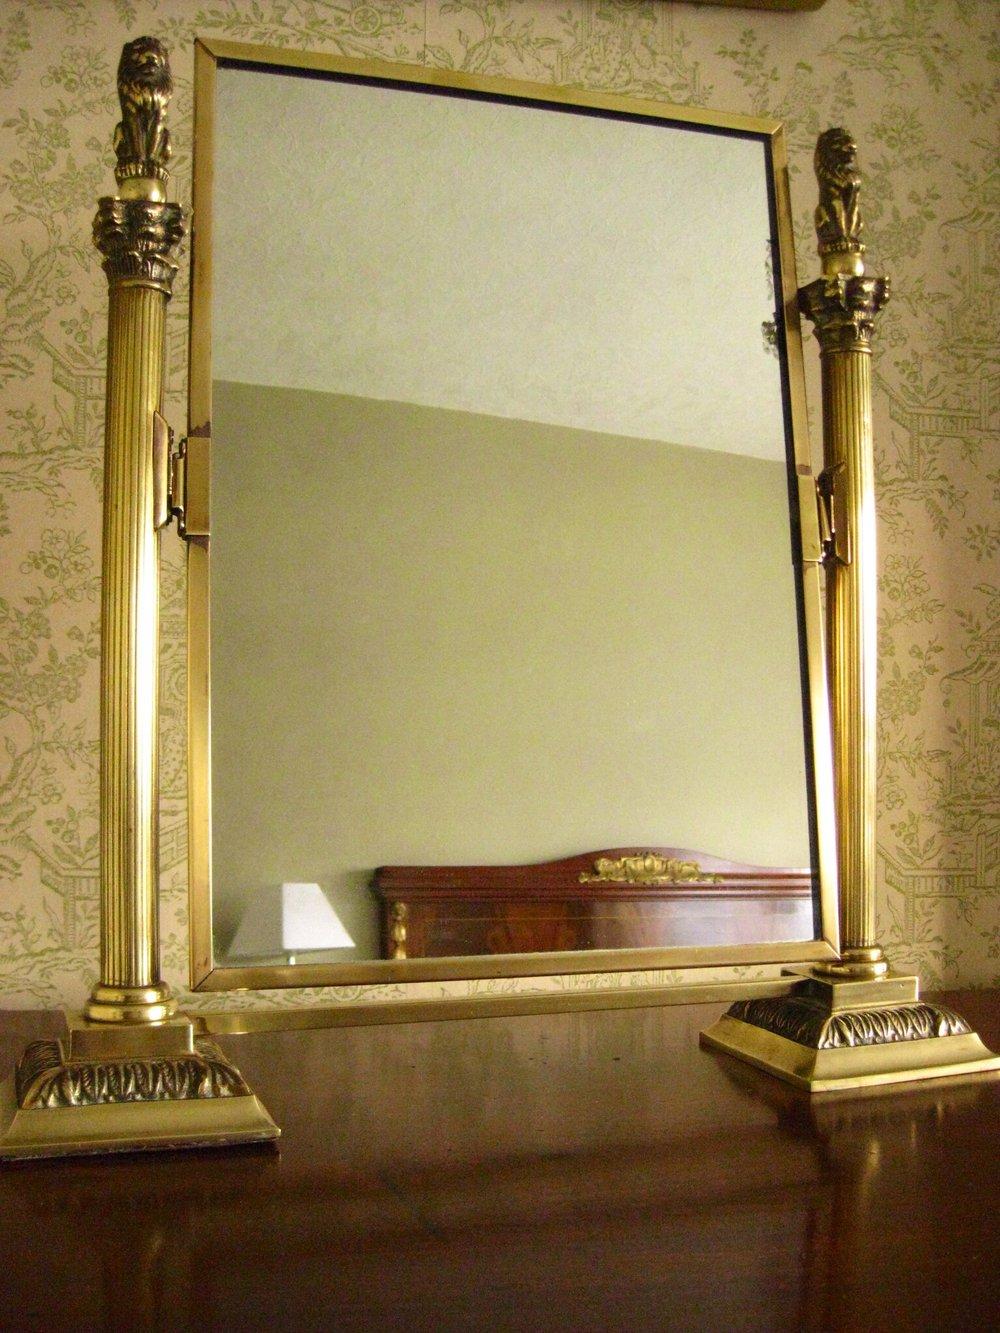 Brass Framed Toilet Dressing Table Mirror